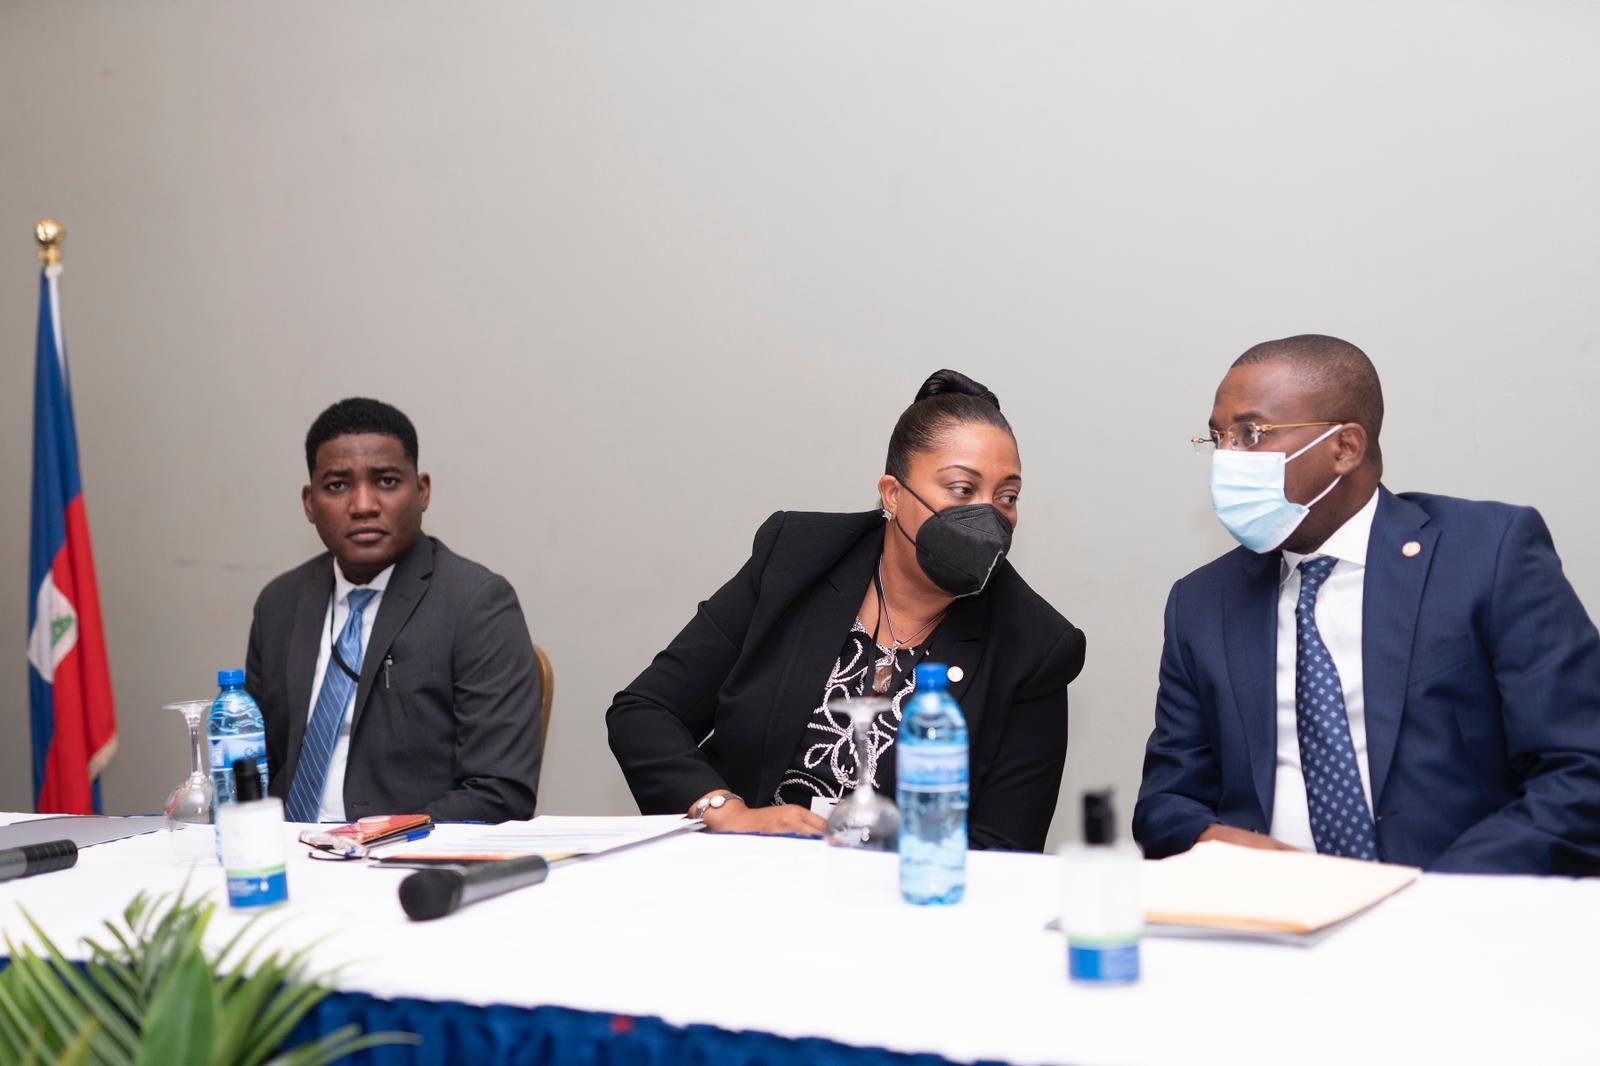 Une table ronde pour discuter en profondeur des relations haïtiano-diminicaines